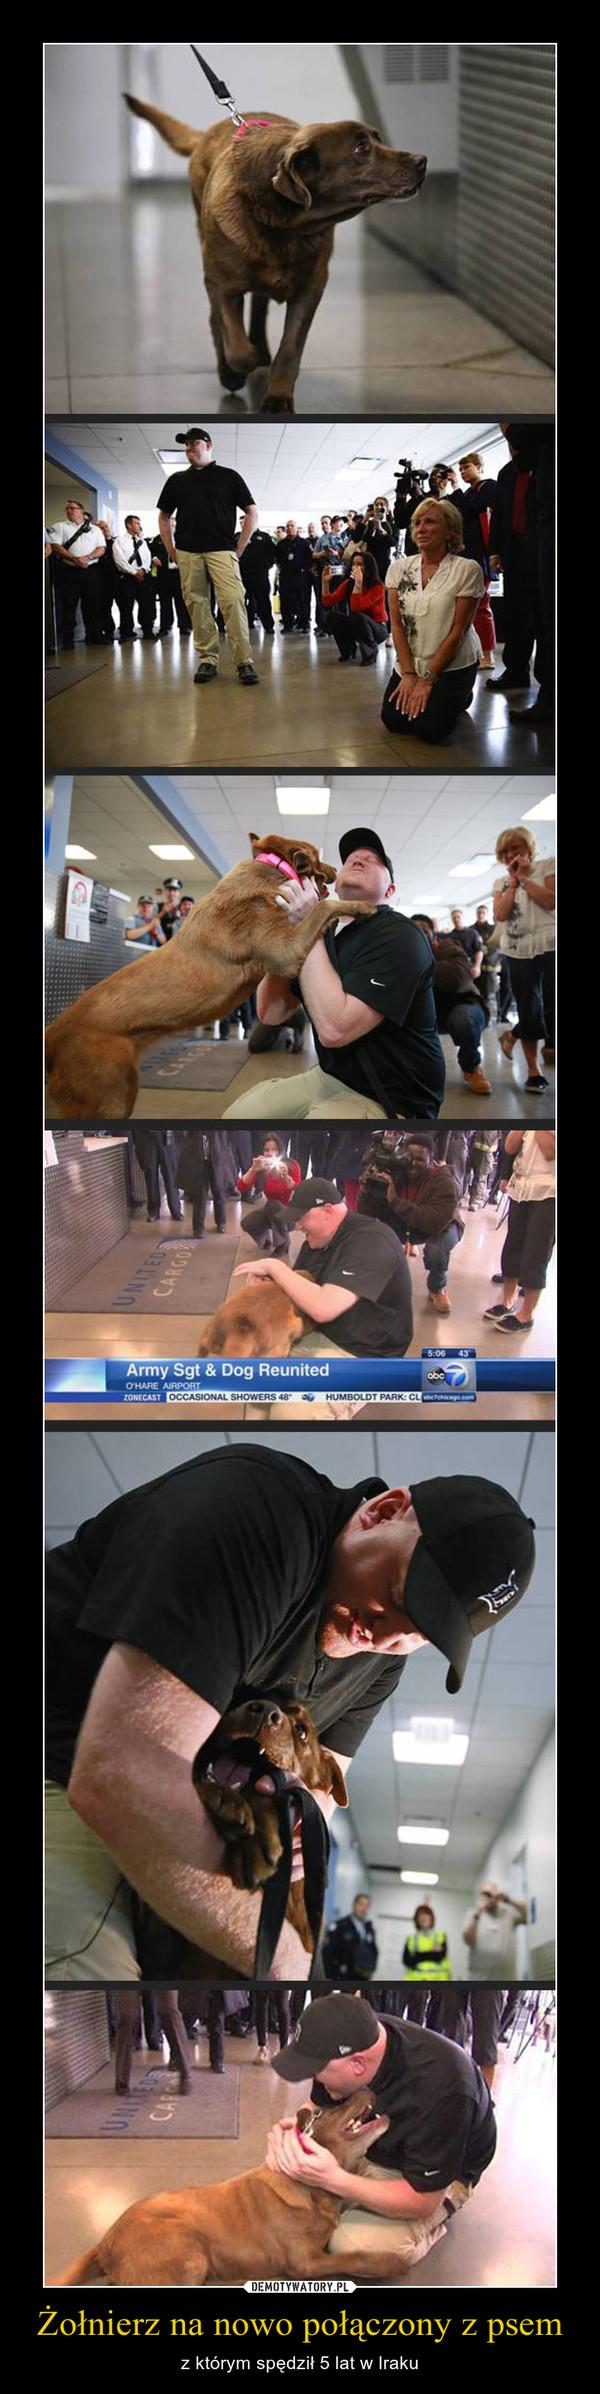 Żołnierz na nowo połączony z psem – z którym spędził 5 lat w Iraku